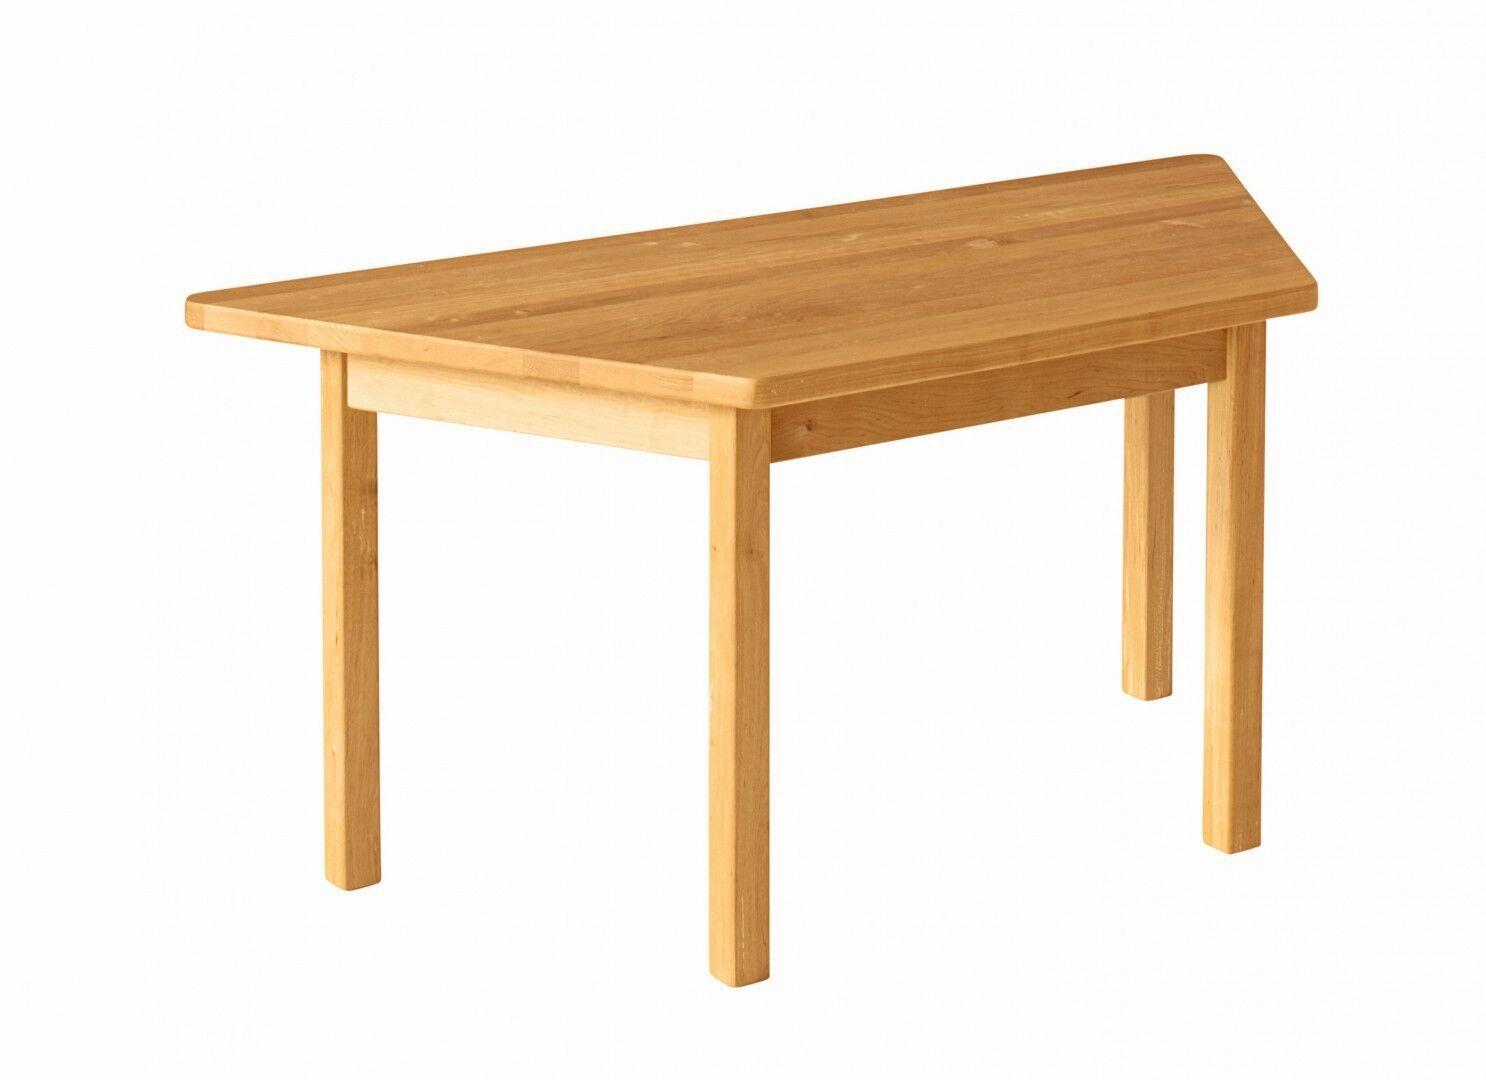 Kinder Gartentisch Tisch 2 Stuhle Kuc Camping Und Stuhlen